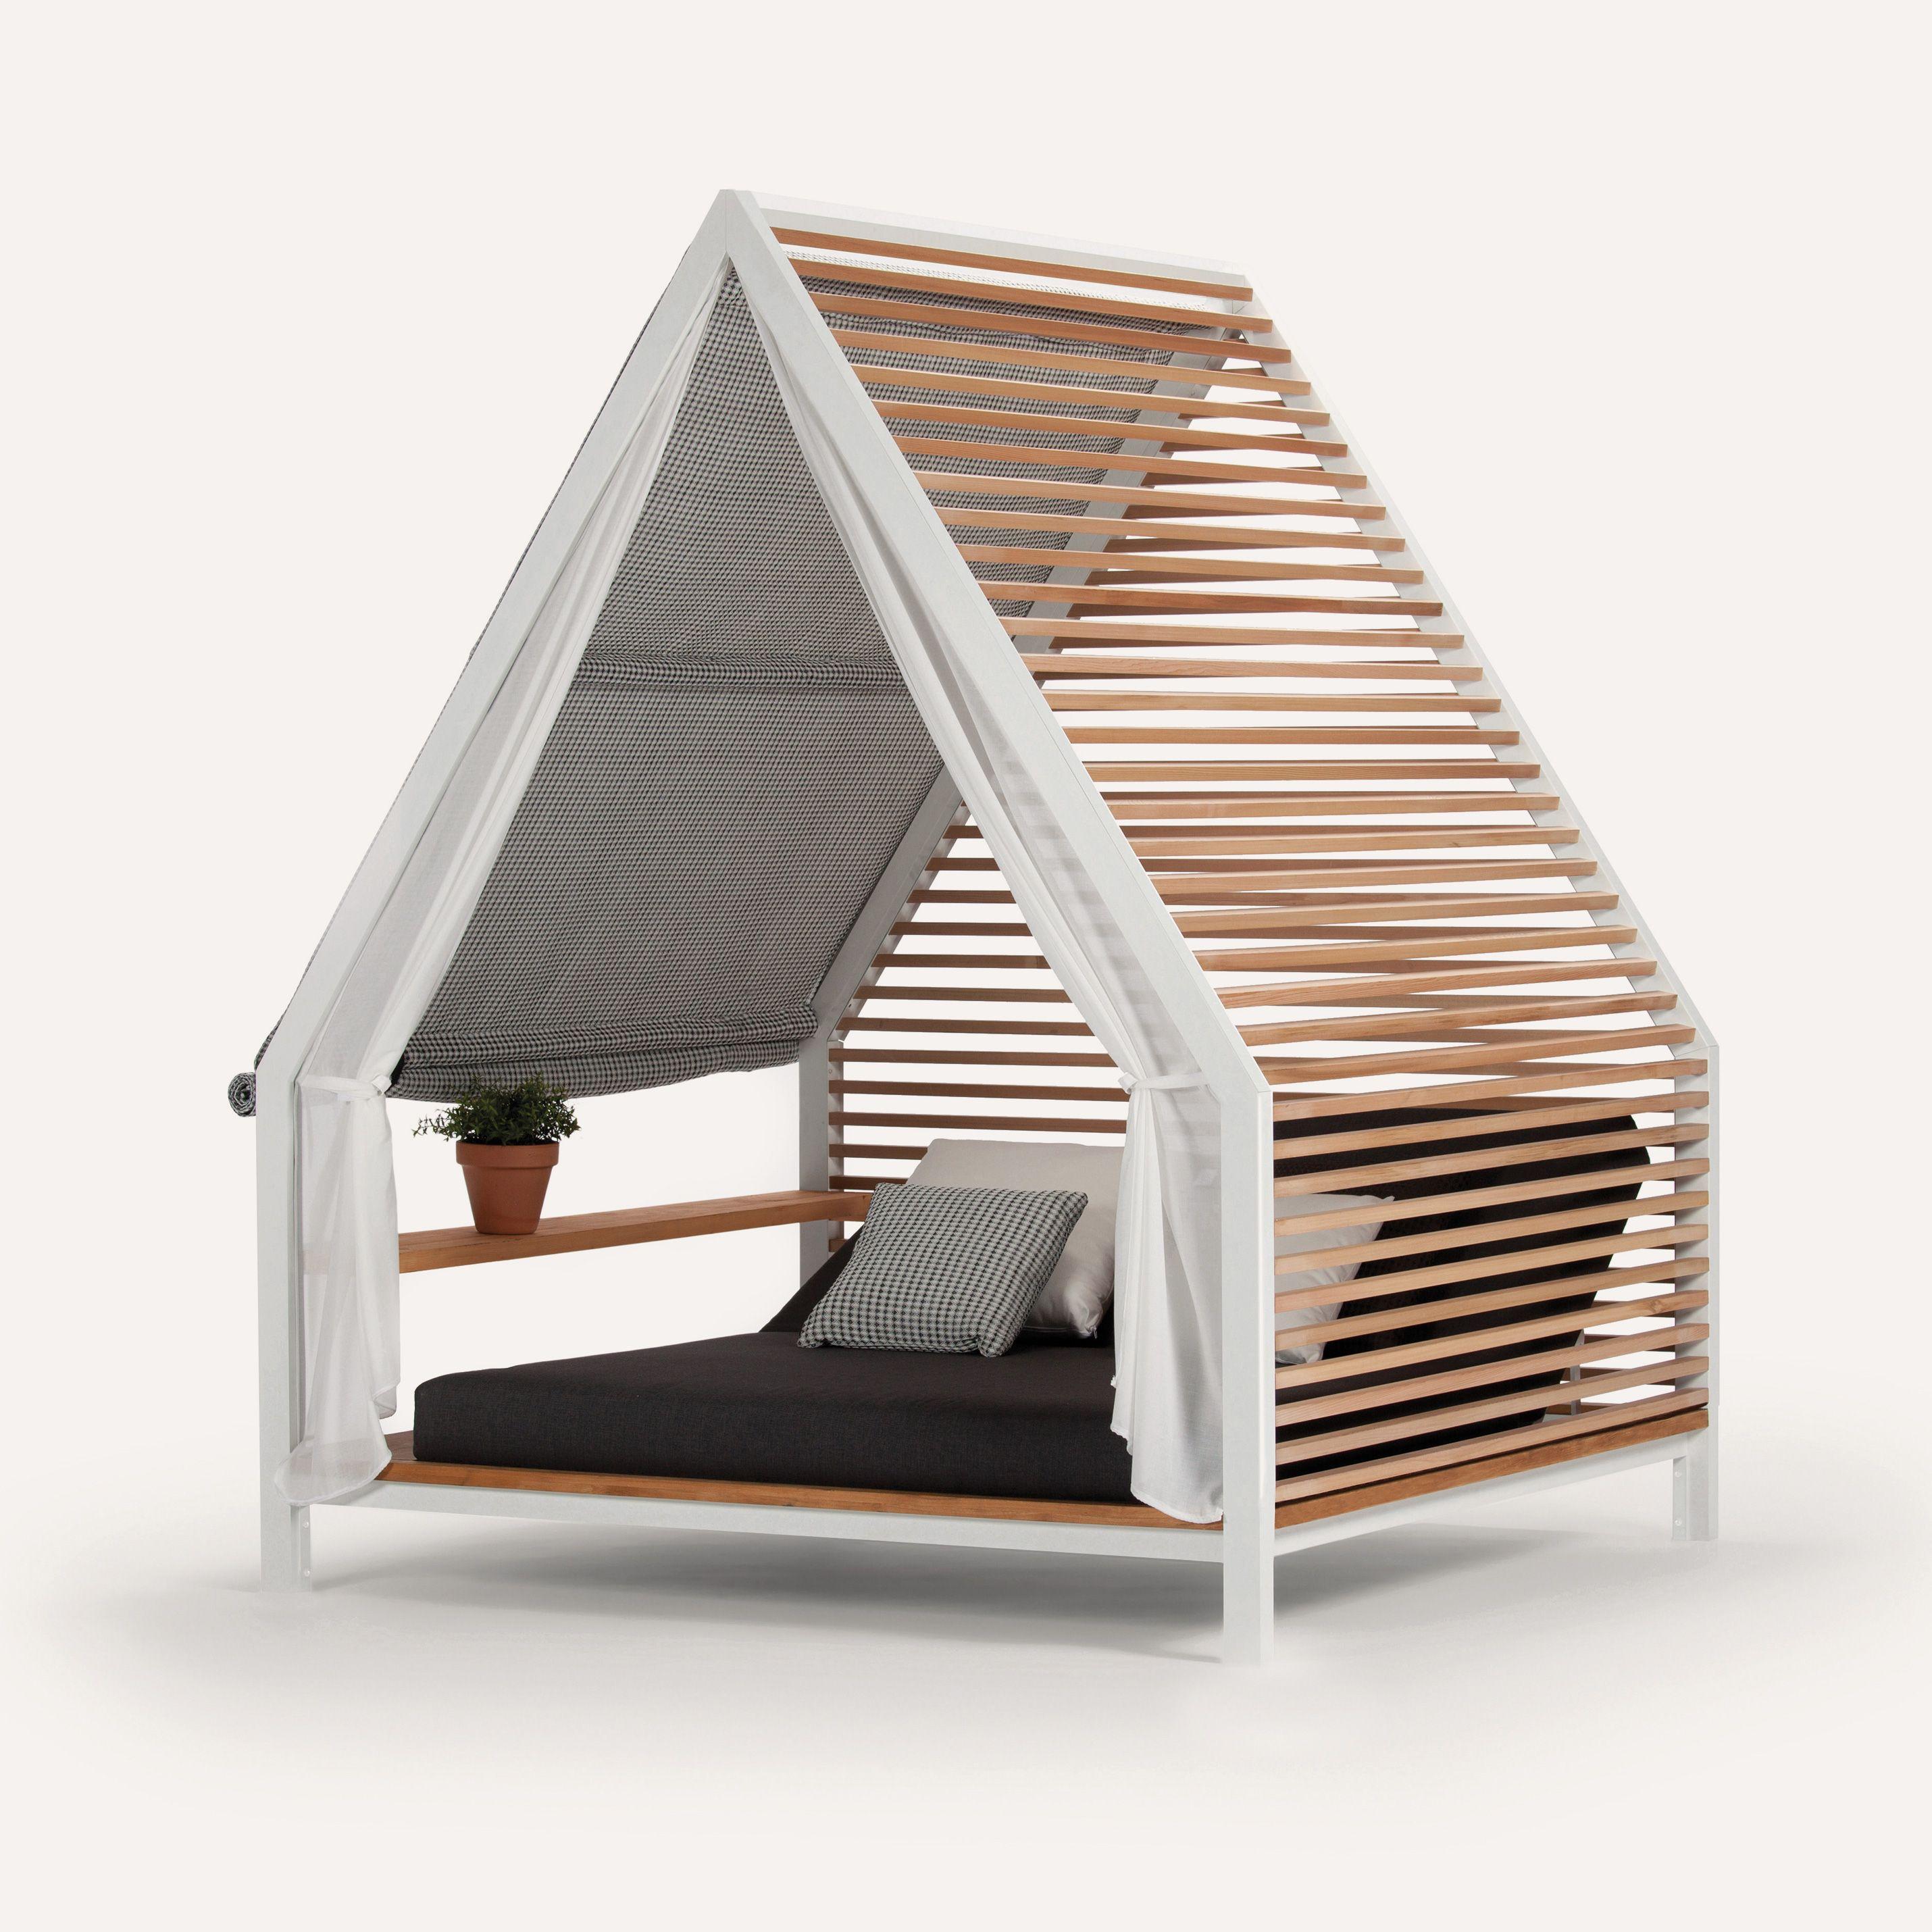 kettal cottage daybed outdoor ideas pinterest gartenprojekte ideen f r den garten und. Black Bedroom Furniture Sets. Home Design Ideas